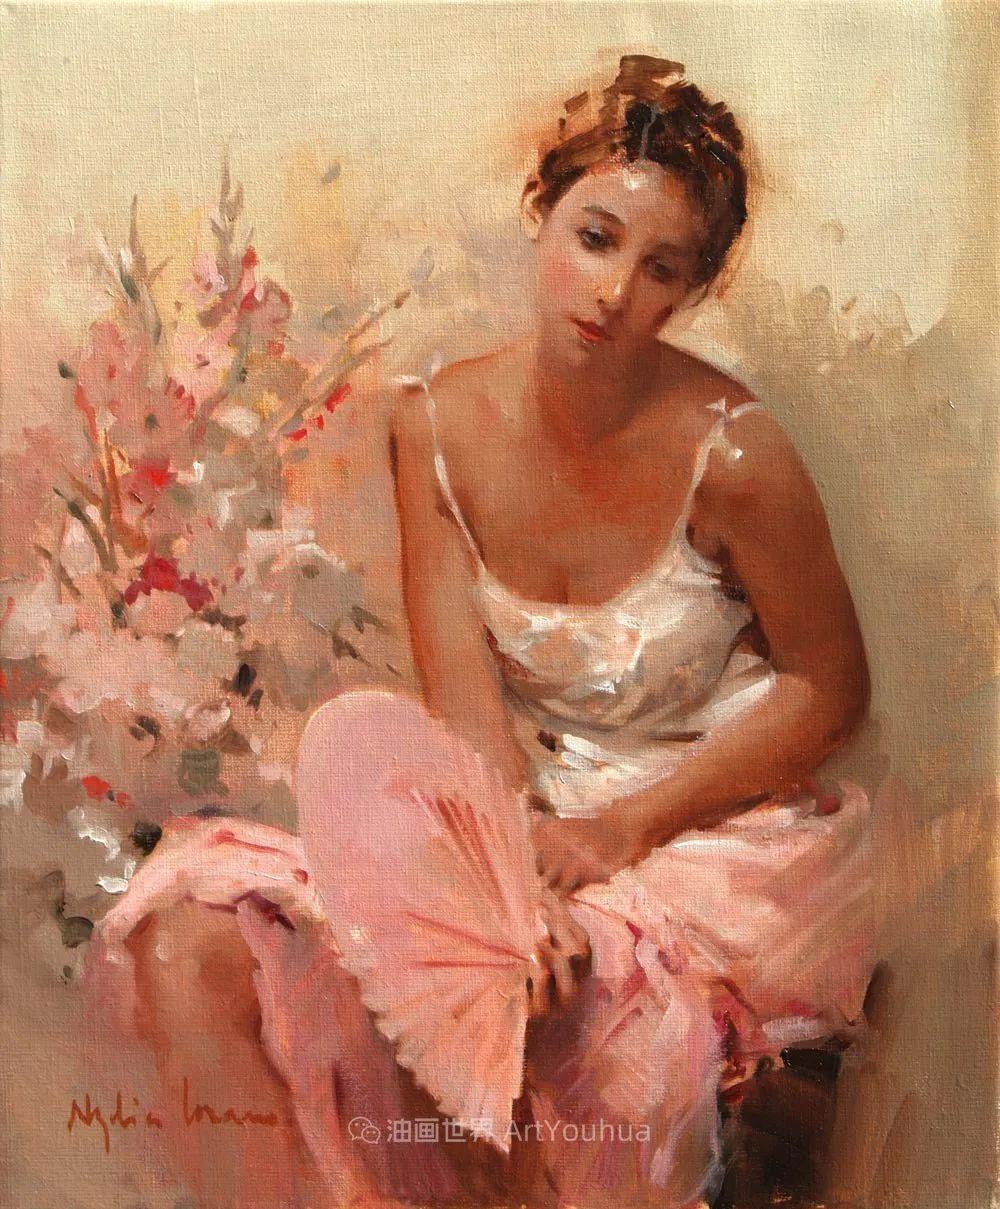 她笔下美丽的女人,像花一样尽情的绽放!插图31